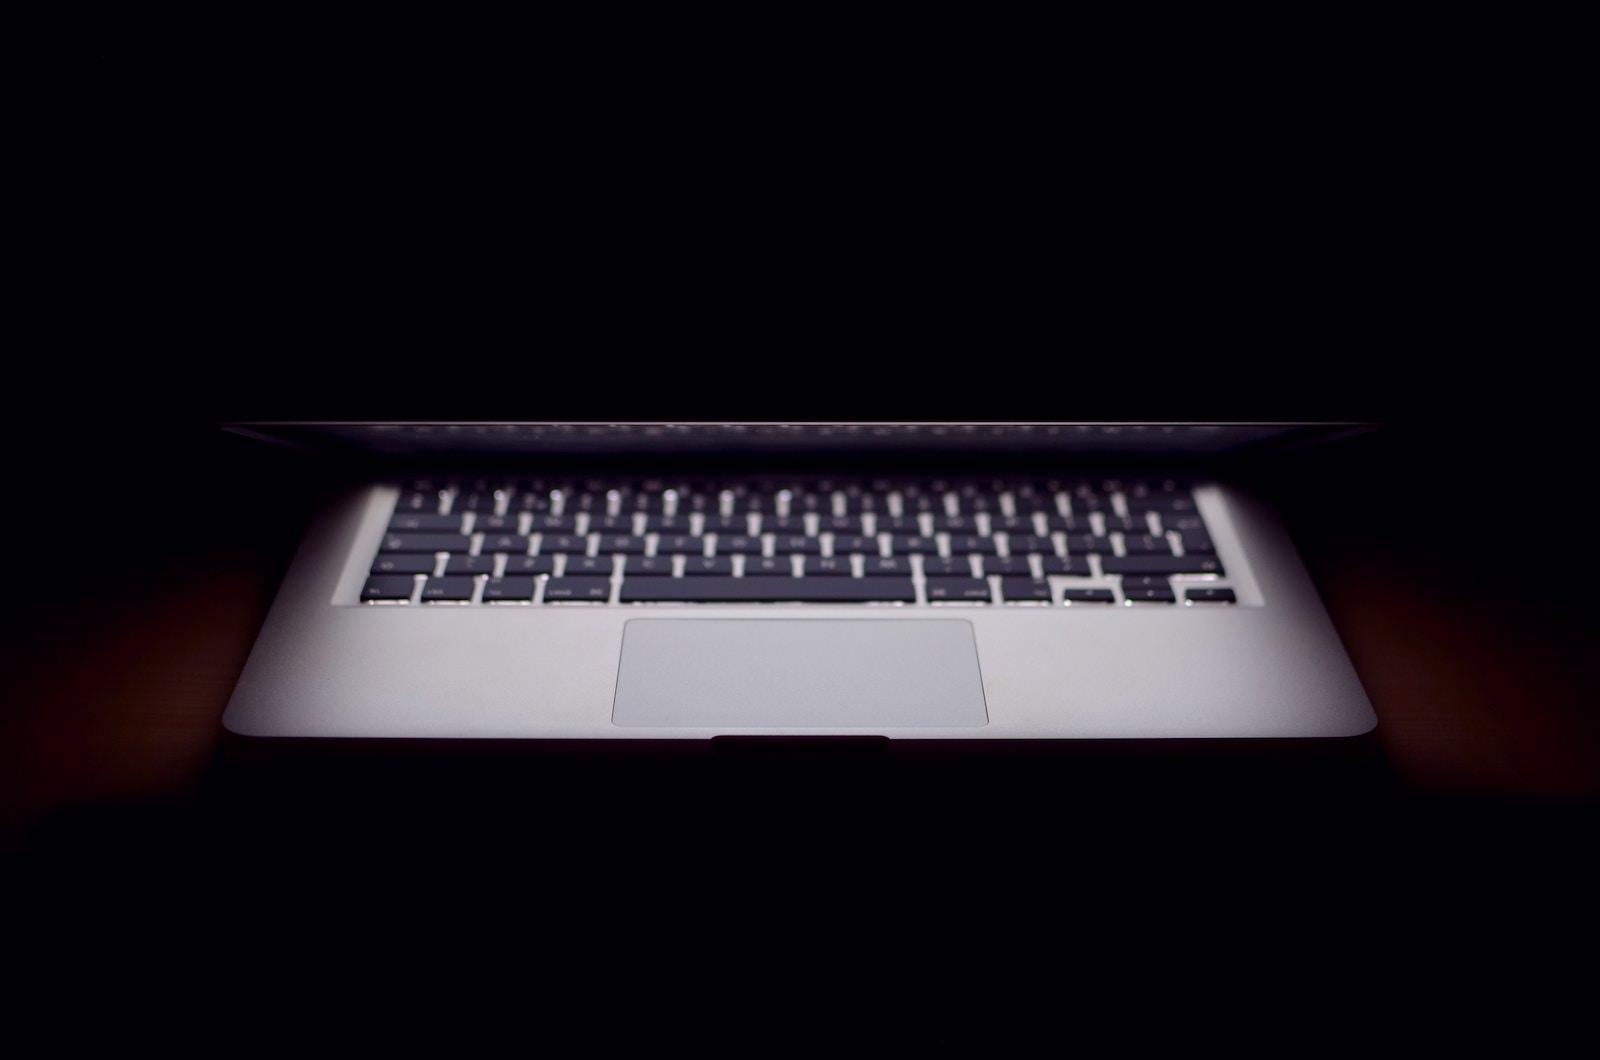 Thom XyNi3rUEReE unsplash macbook air